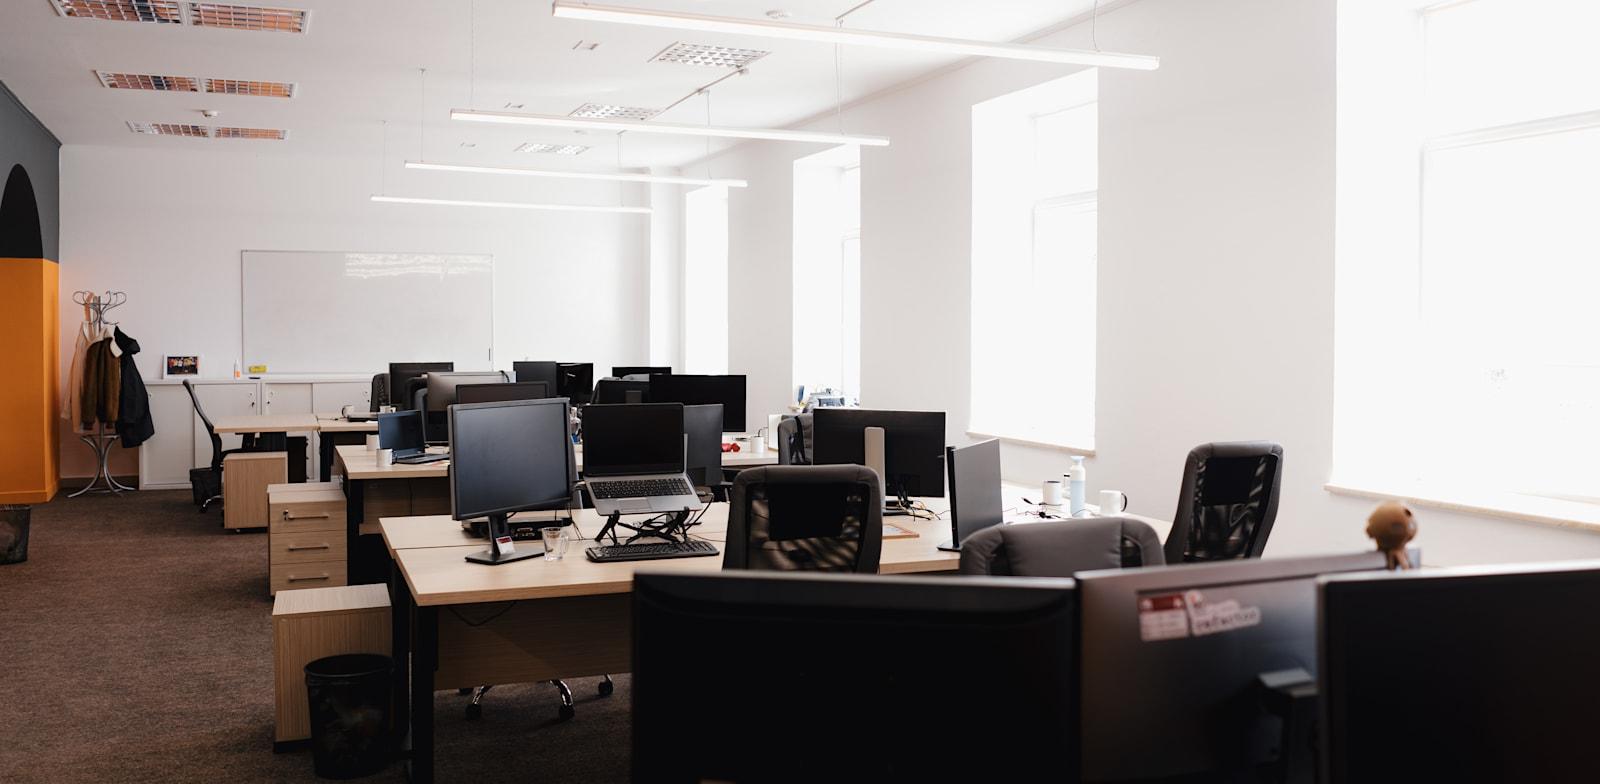 בעולם העבודה החדש יש צורך לתקן את חוק שעות העבודה והמנוחה